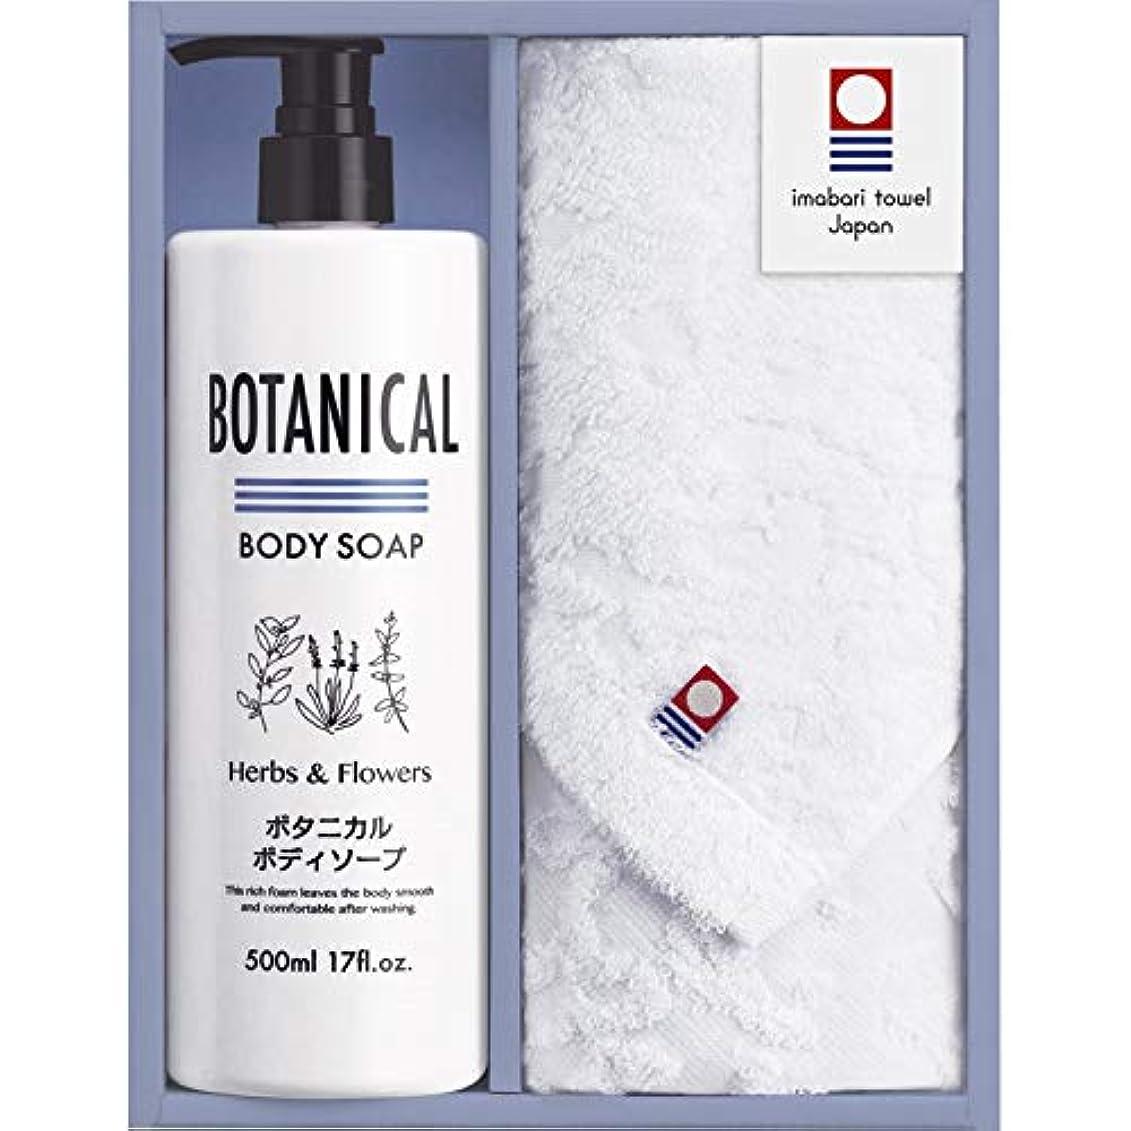 ボタニカルボディソープセット BOB-10 【ぼたにかるぼでぃそーぷせっと 国産 日本製 詰め合わせ つめあわせ たおる ごうせいちゃくしょくりょうふりー いまばり しょくぶつせいげんりょう】